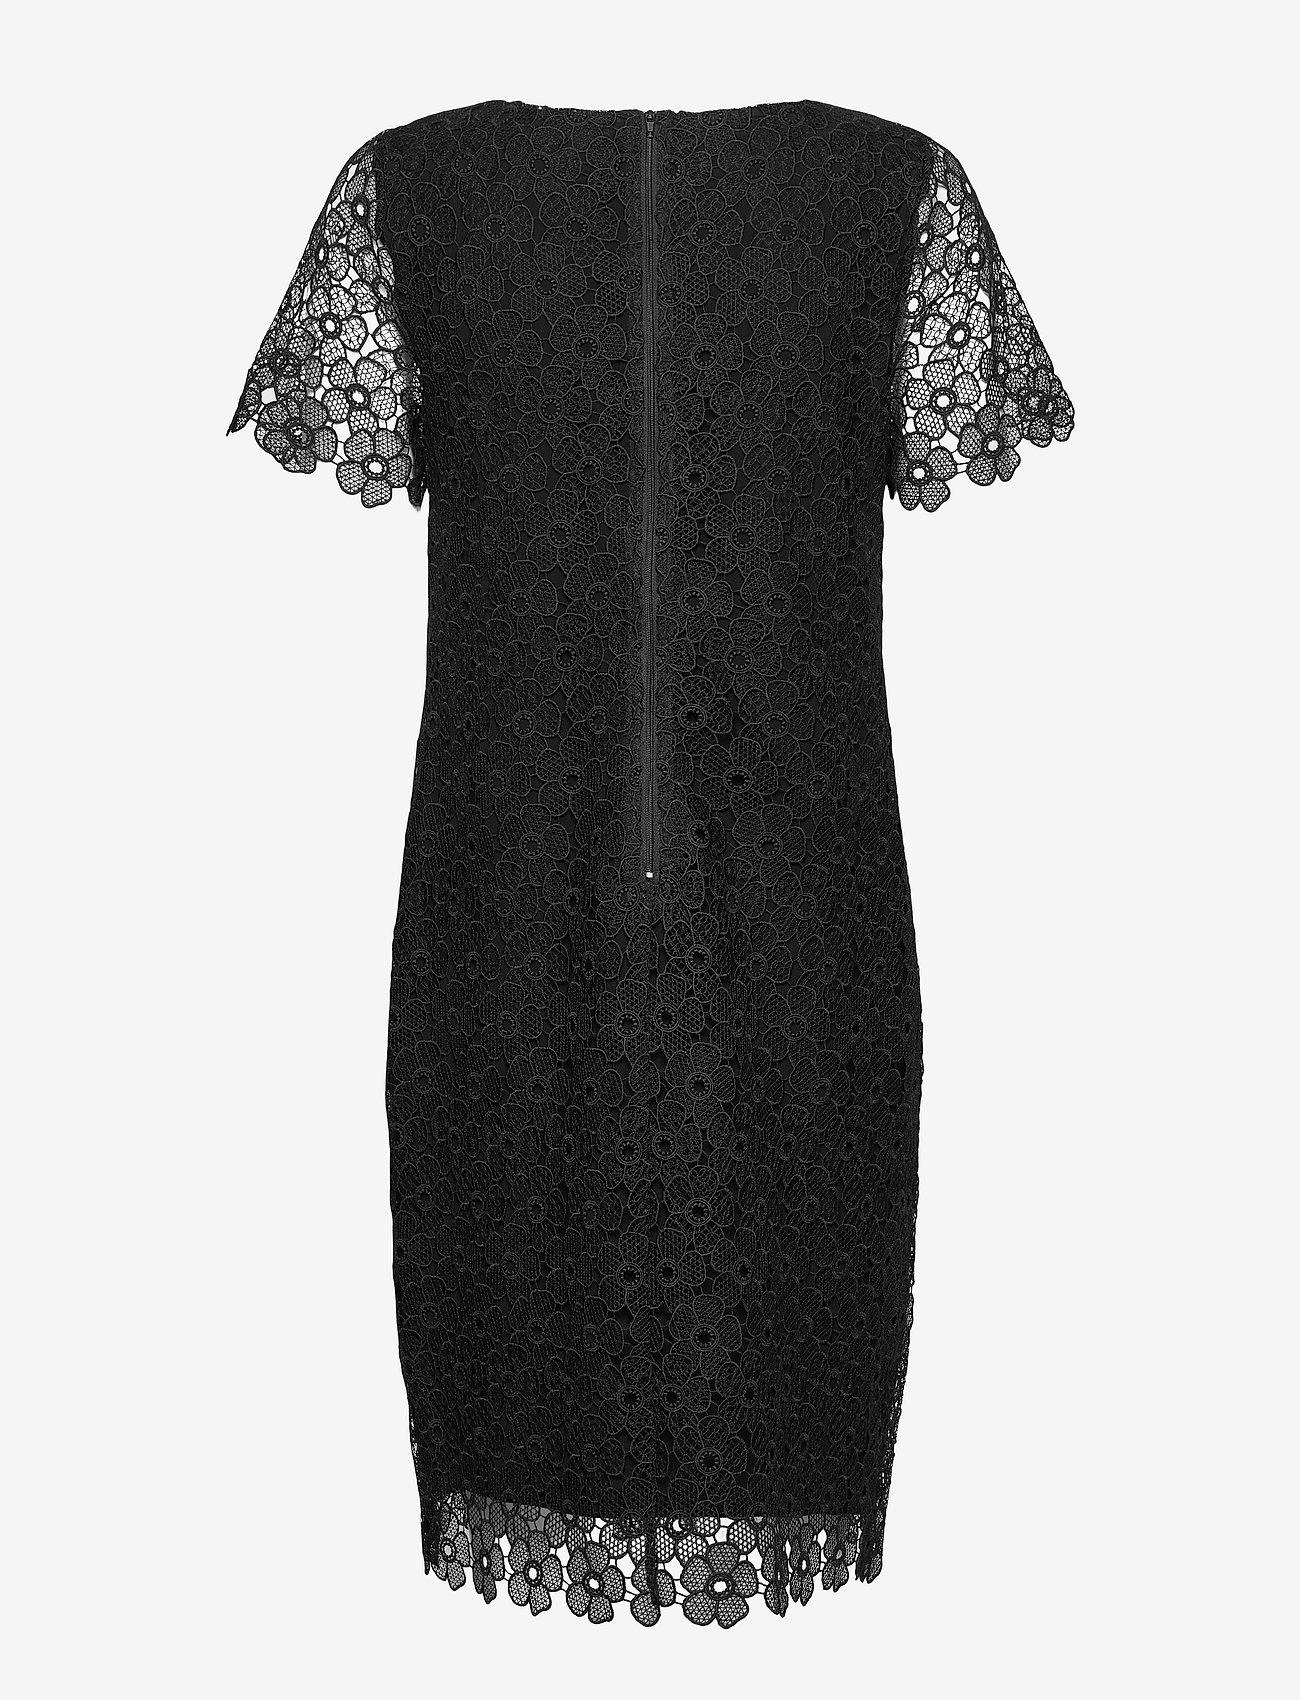 SAND - 3177 - Ellie - robes de cocktail - black - 1